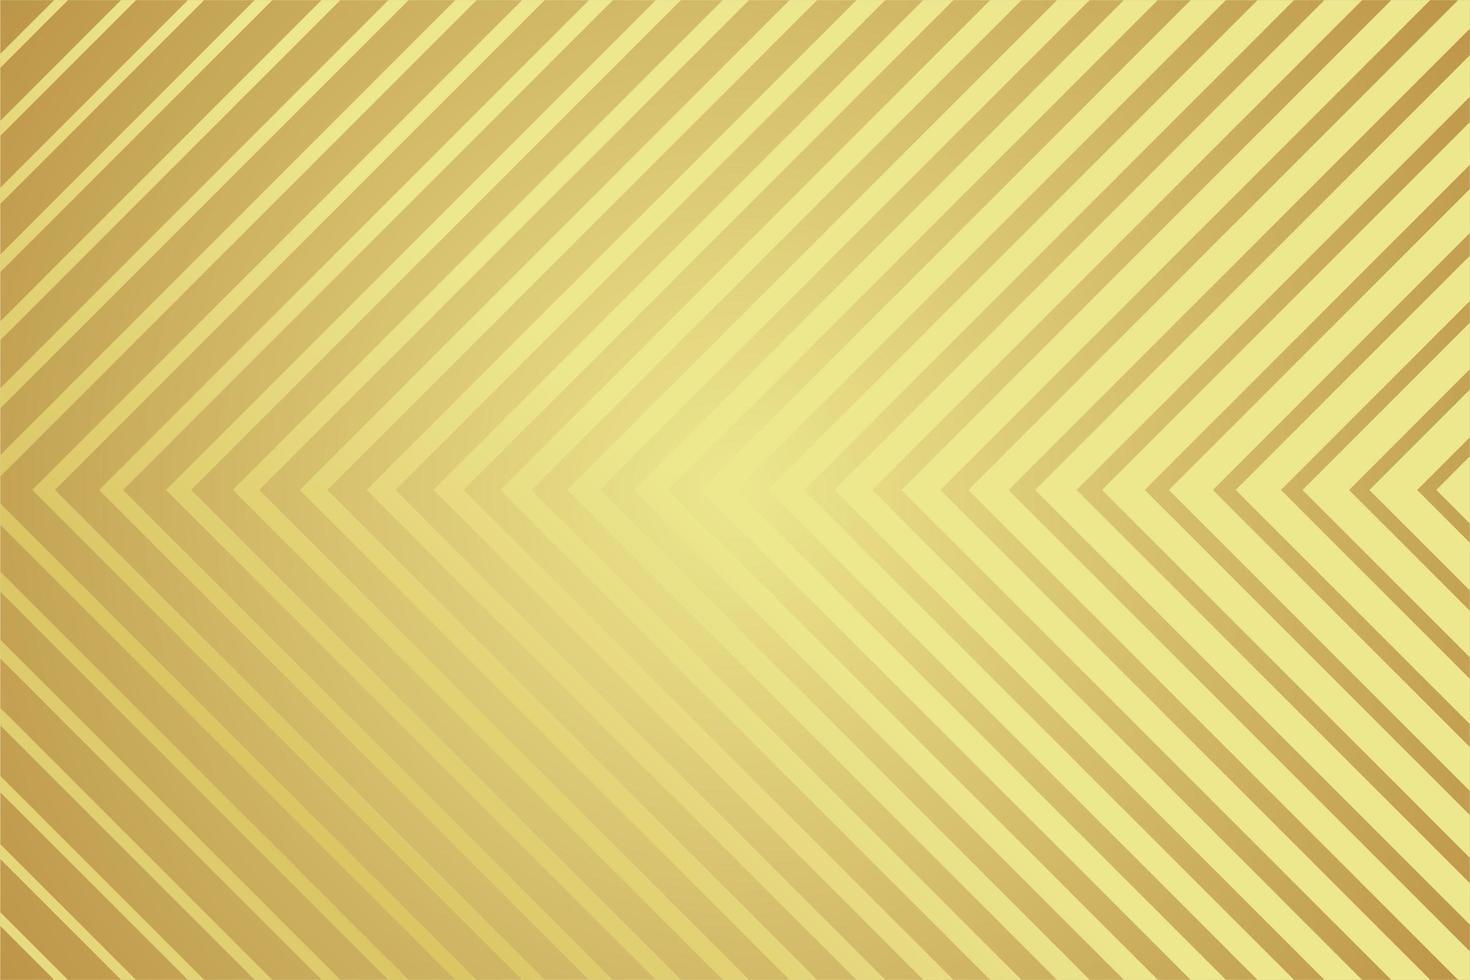 conception de ligne dorée légère inclinée vecteur